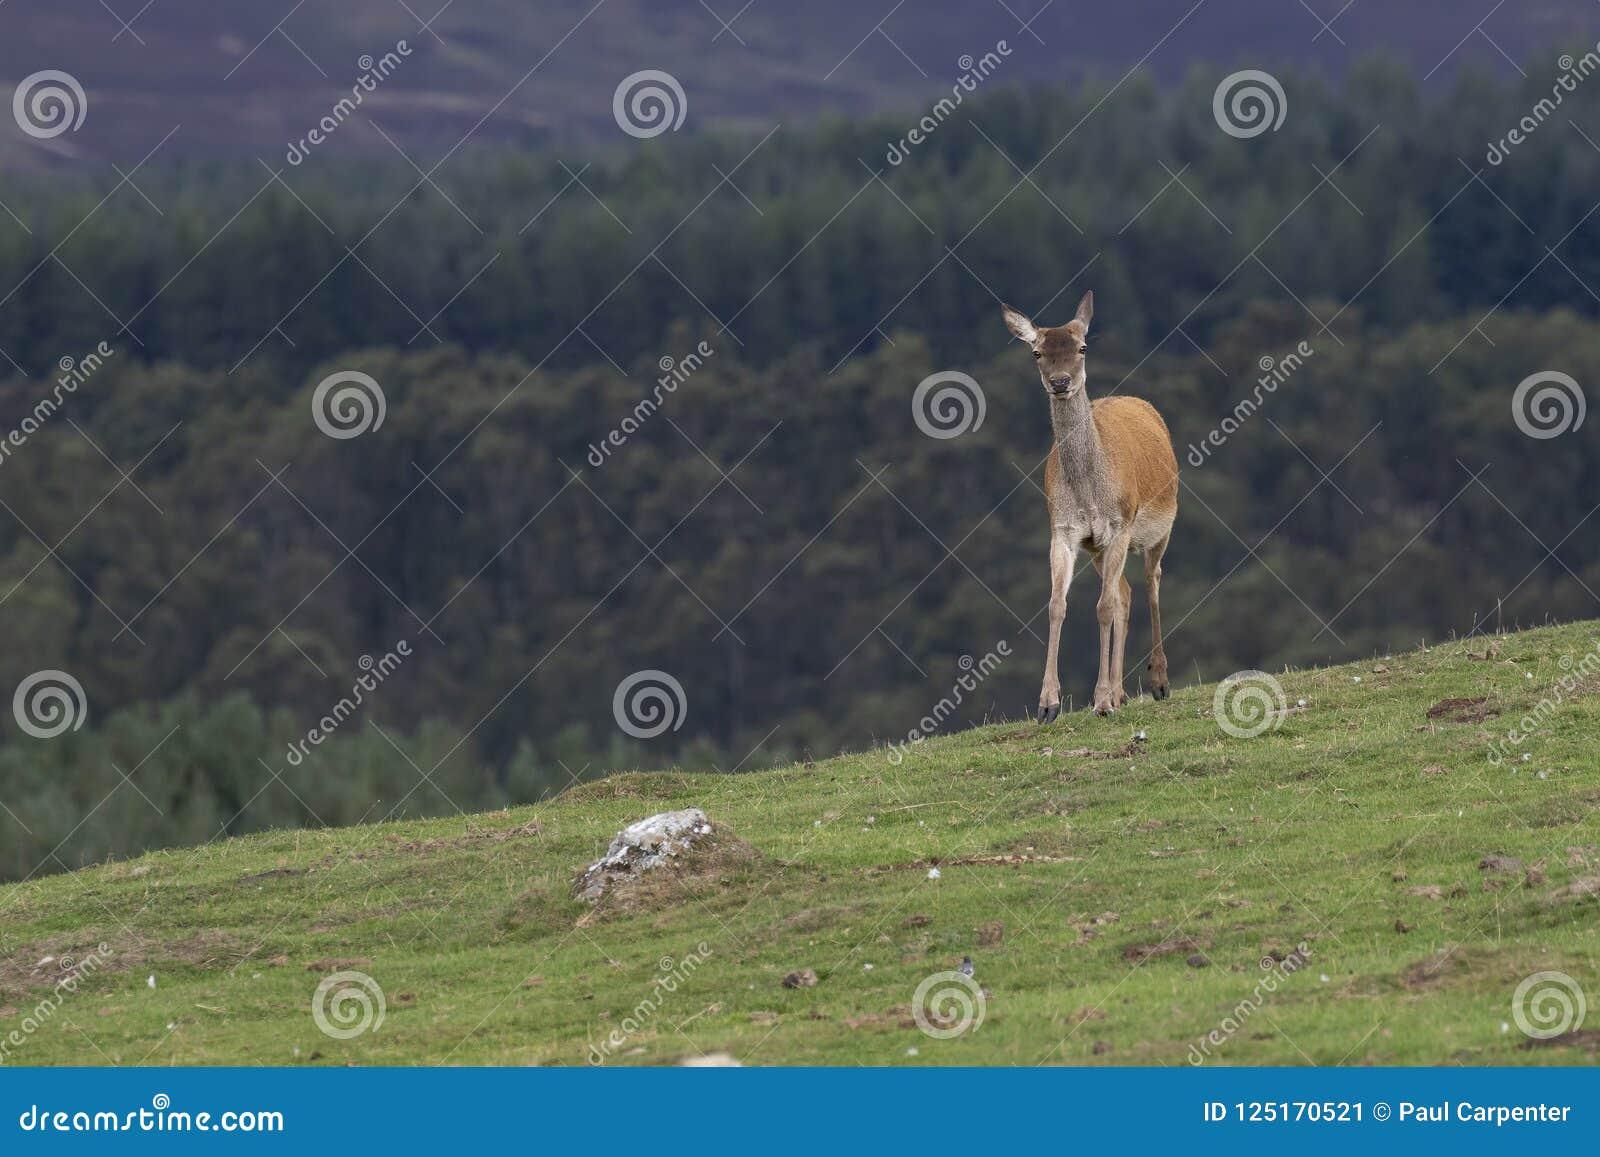 Czerwonego rogacza łanie, Cervus elaphus scoticus, pasa na trawie z sosnowym lasem w tle podczas Września w cairngorms narodzie